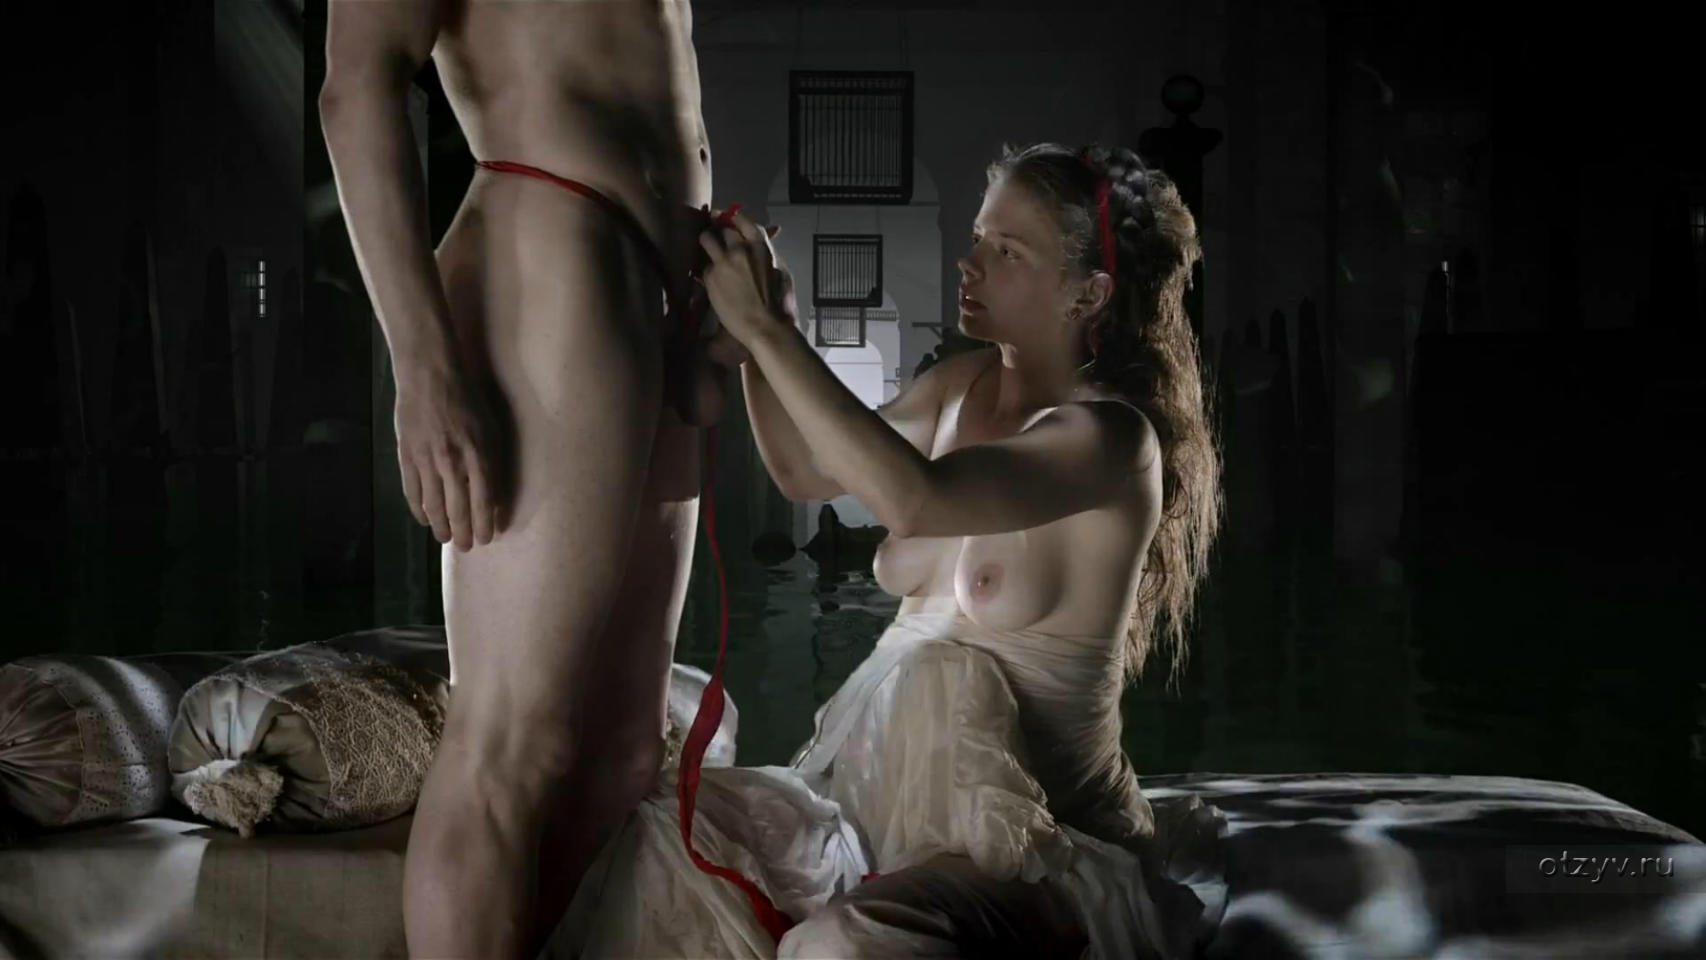 novie-filmi-eroticheskie